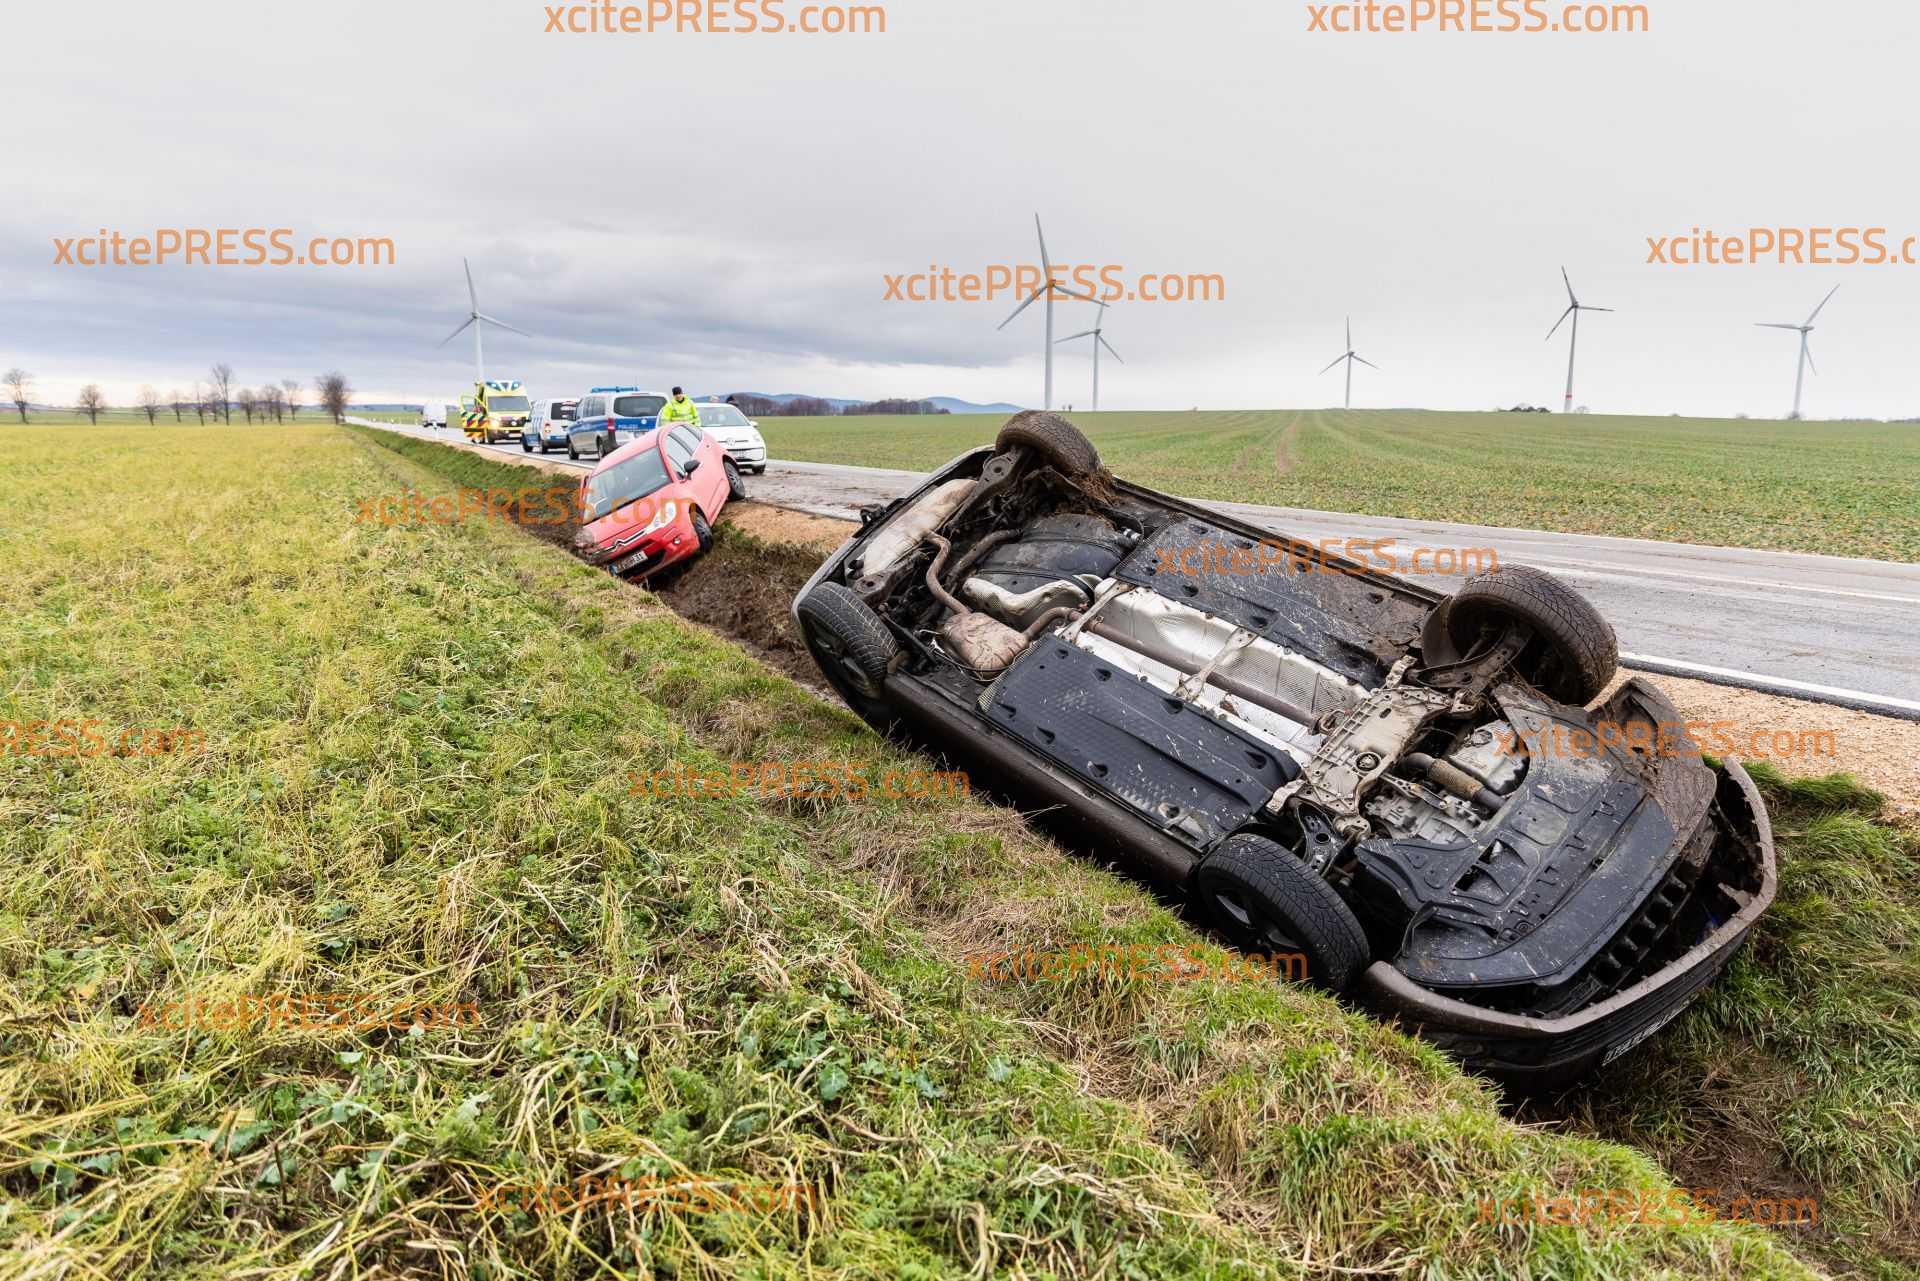 Auto landet nach Unfall auf dem Dach: Mindestens zwei Menschen werden dabei verletzt